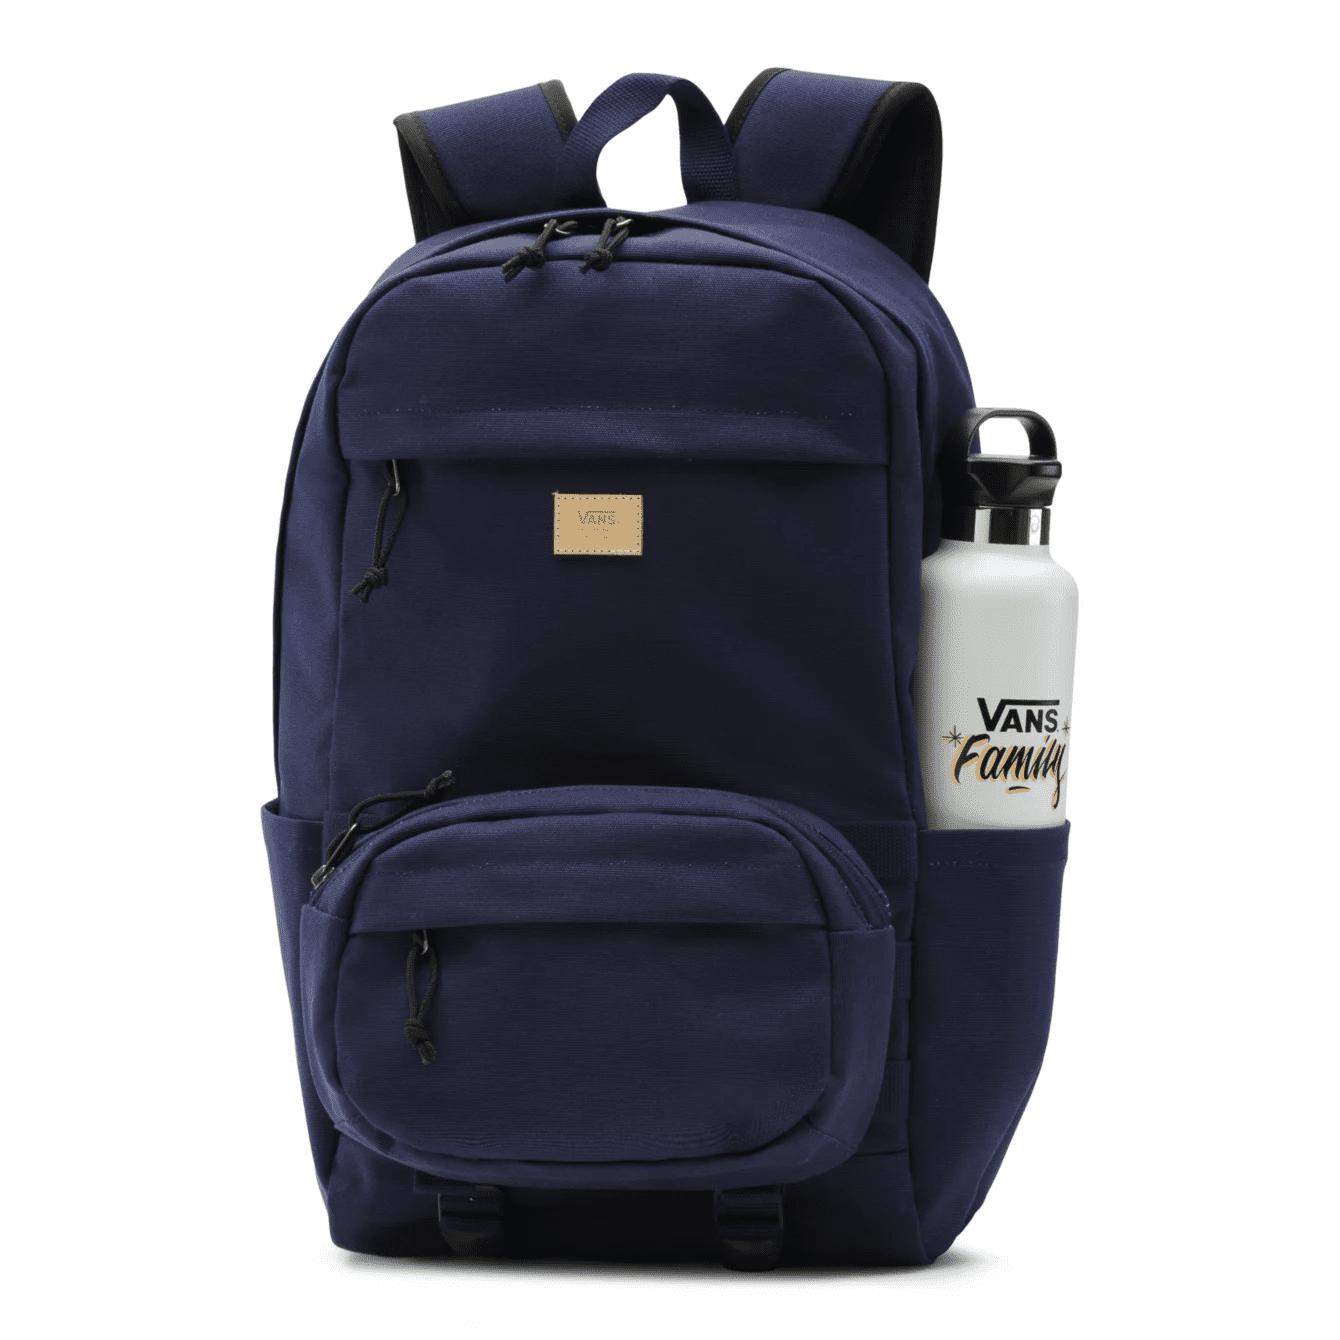 Transplant Backpack | Shop Mens Backpacks At Vans